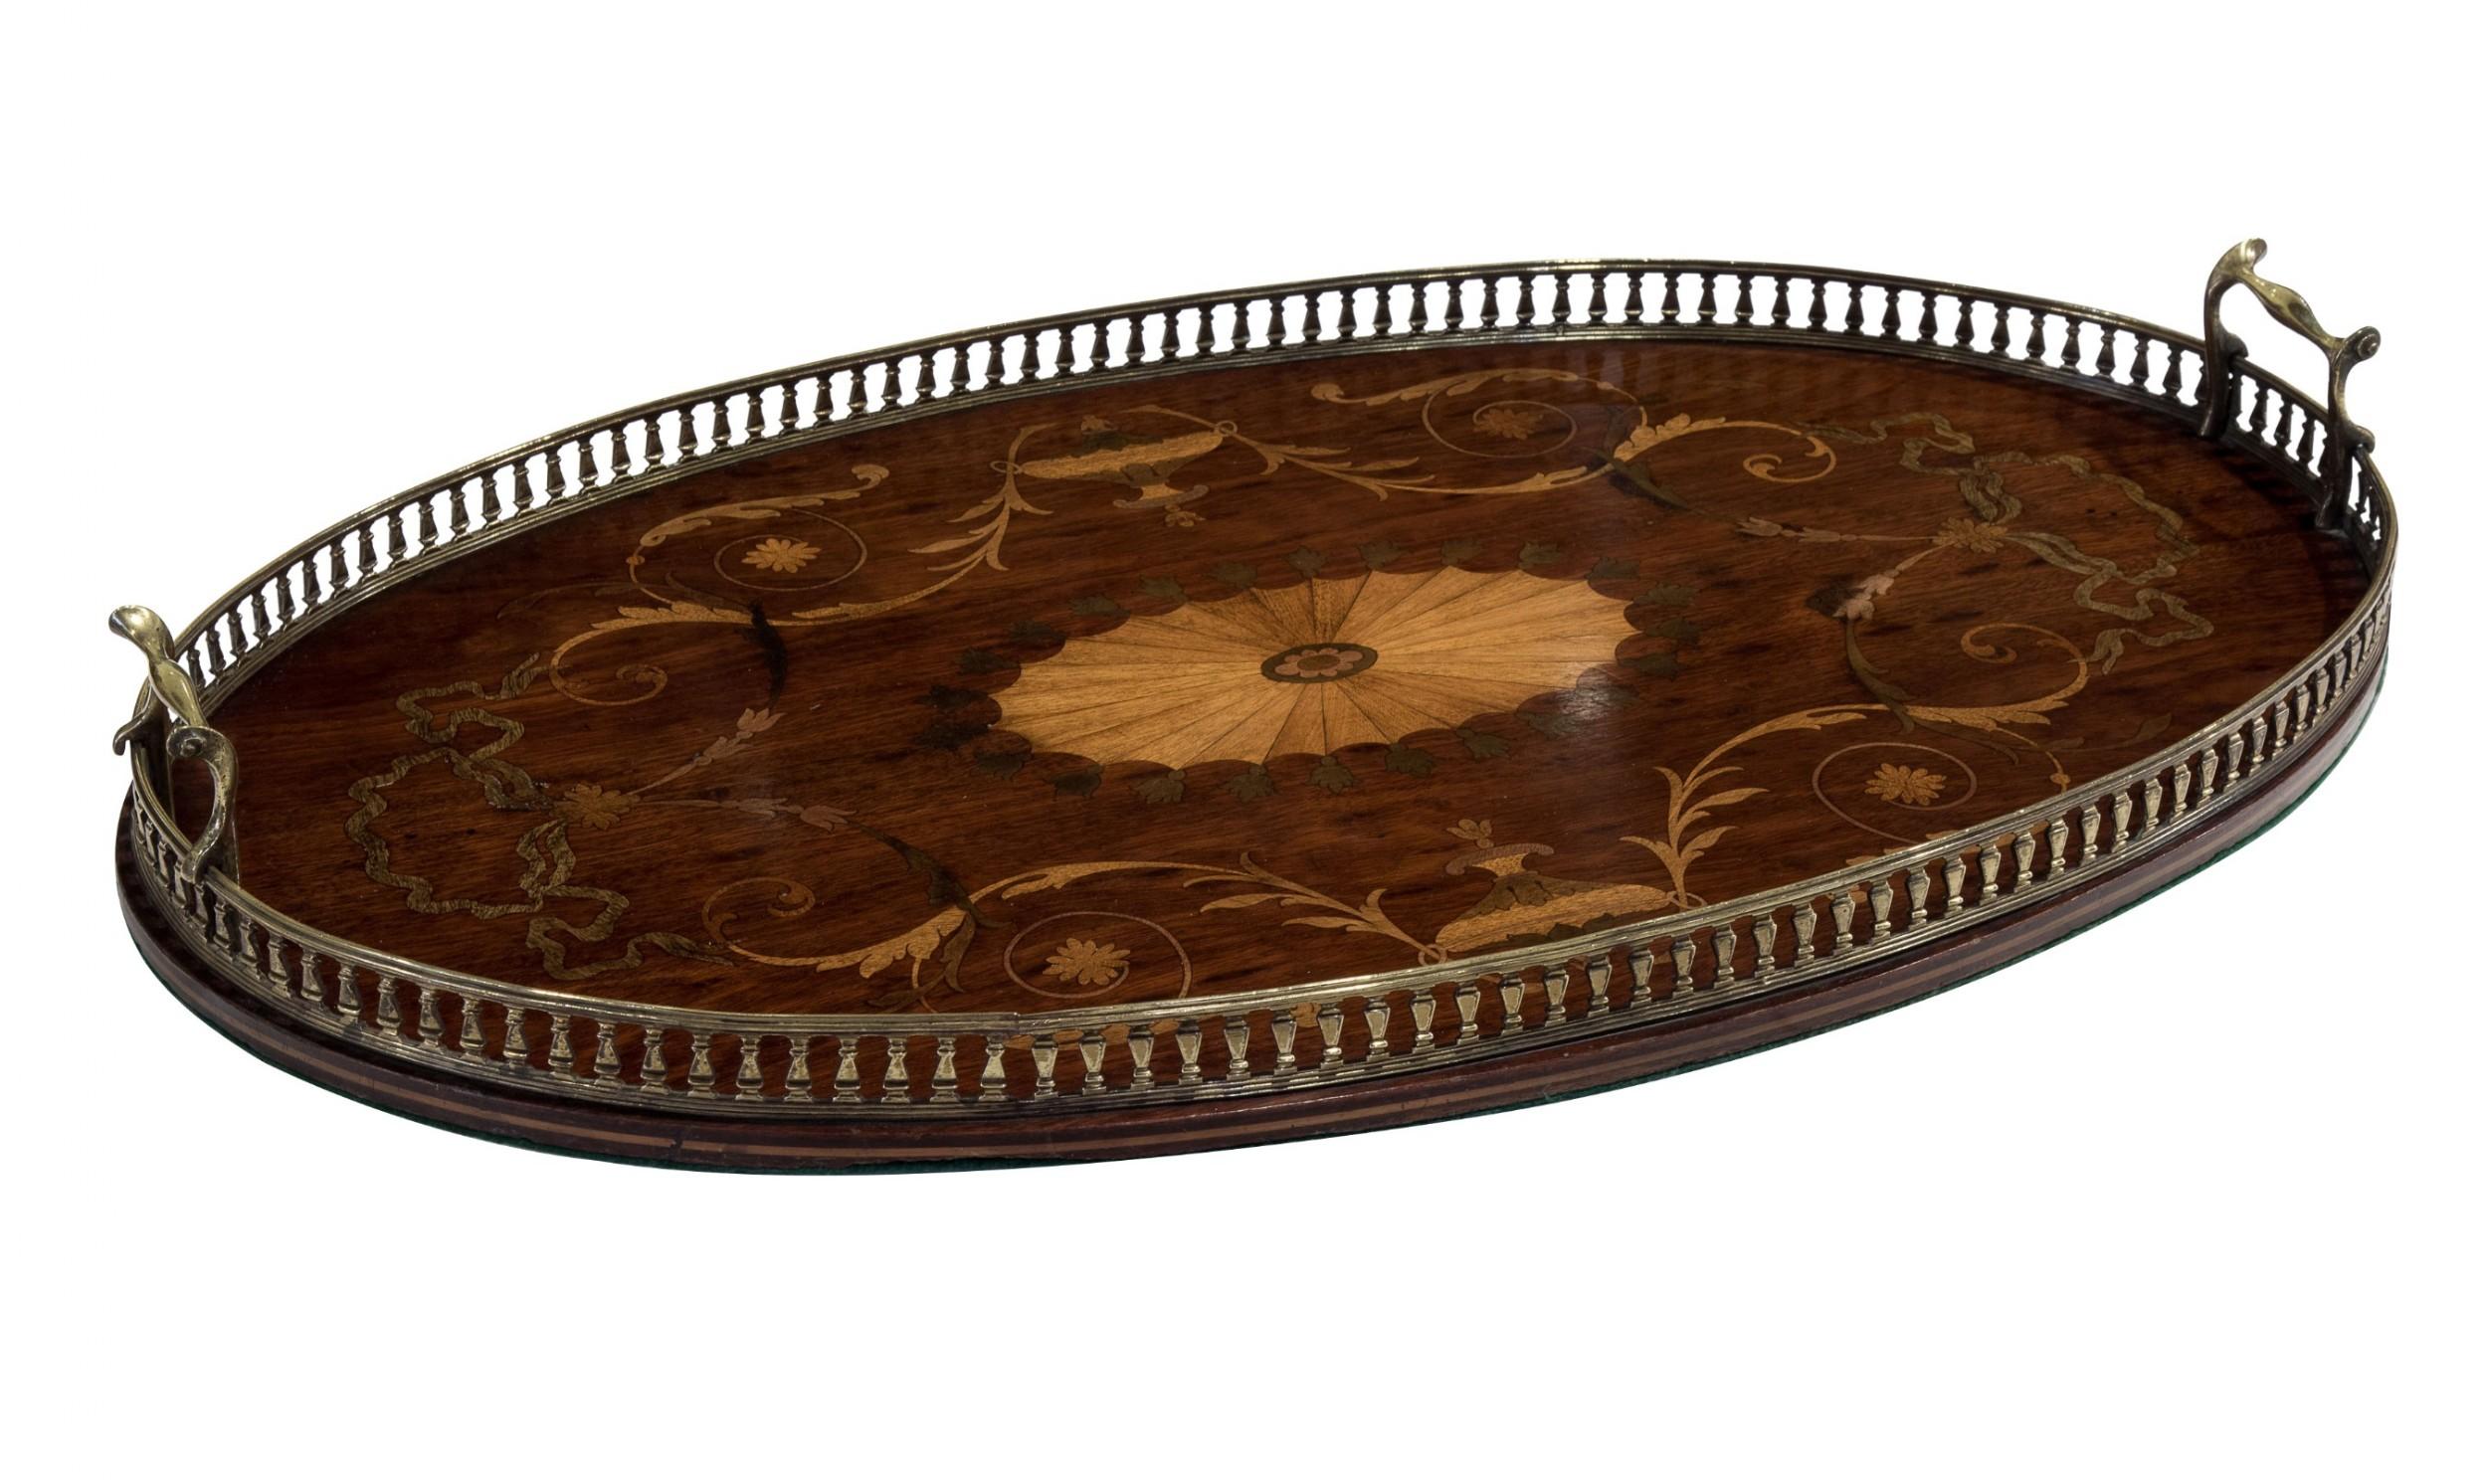 victorian mahogany and marquetry oval tray